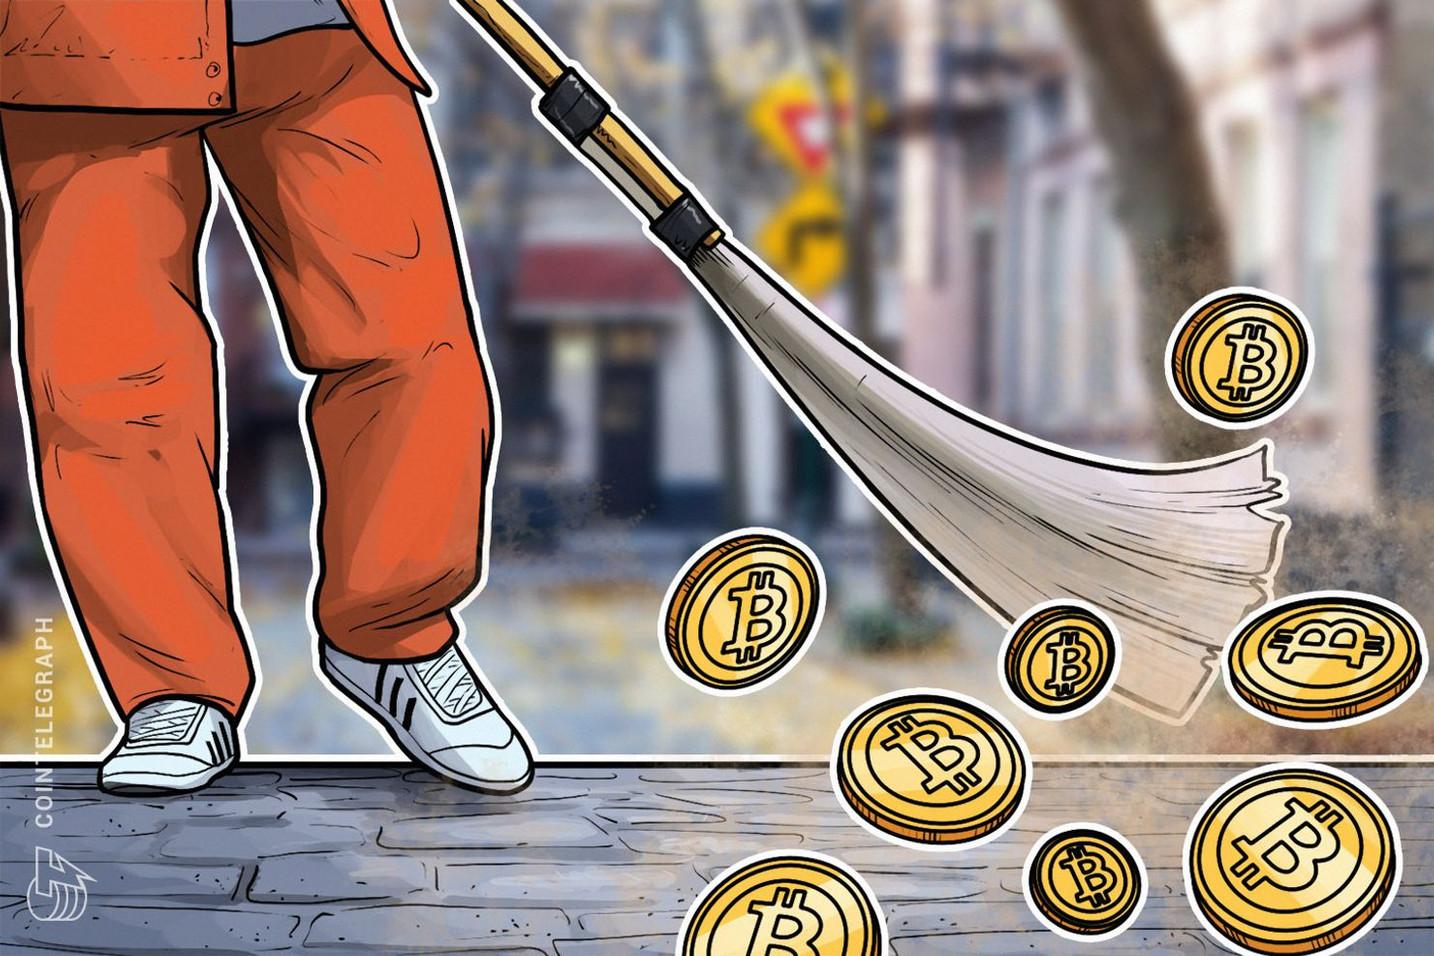 「仮想通貨暴落後のアルトコインは上出来」=バイナンス・リサーチ|ビットコイン投資家は自信喪失か